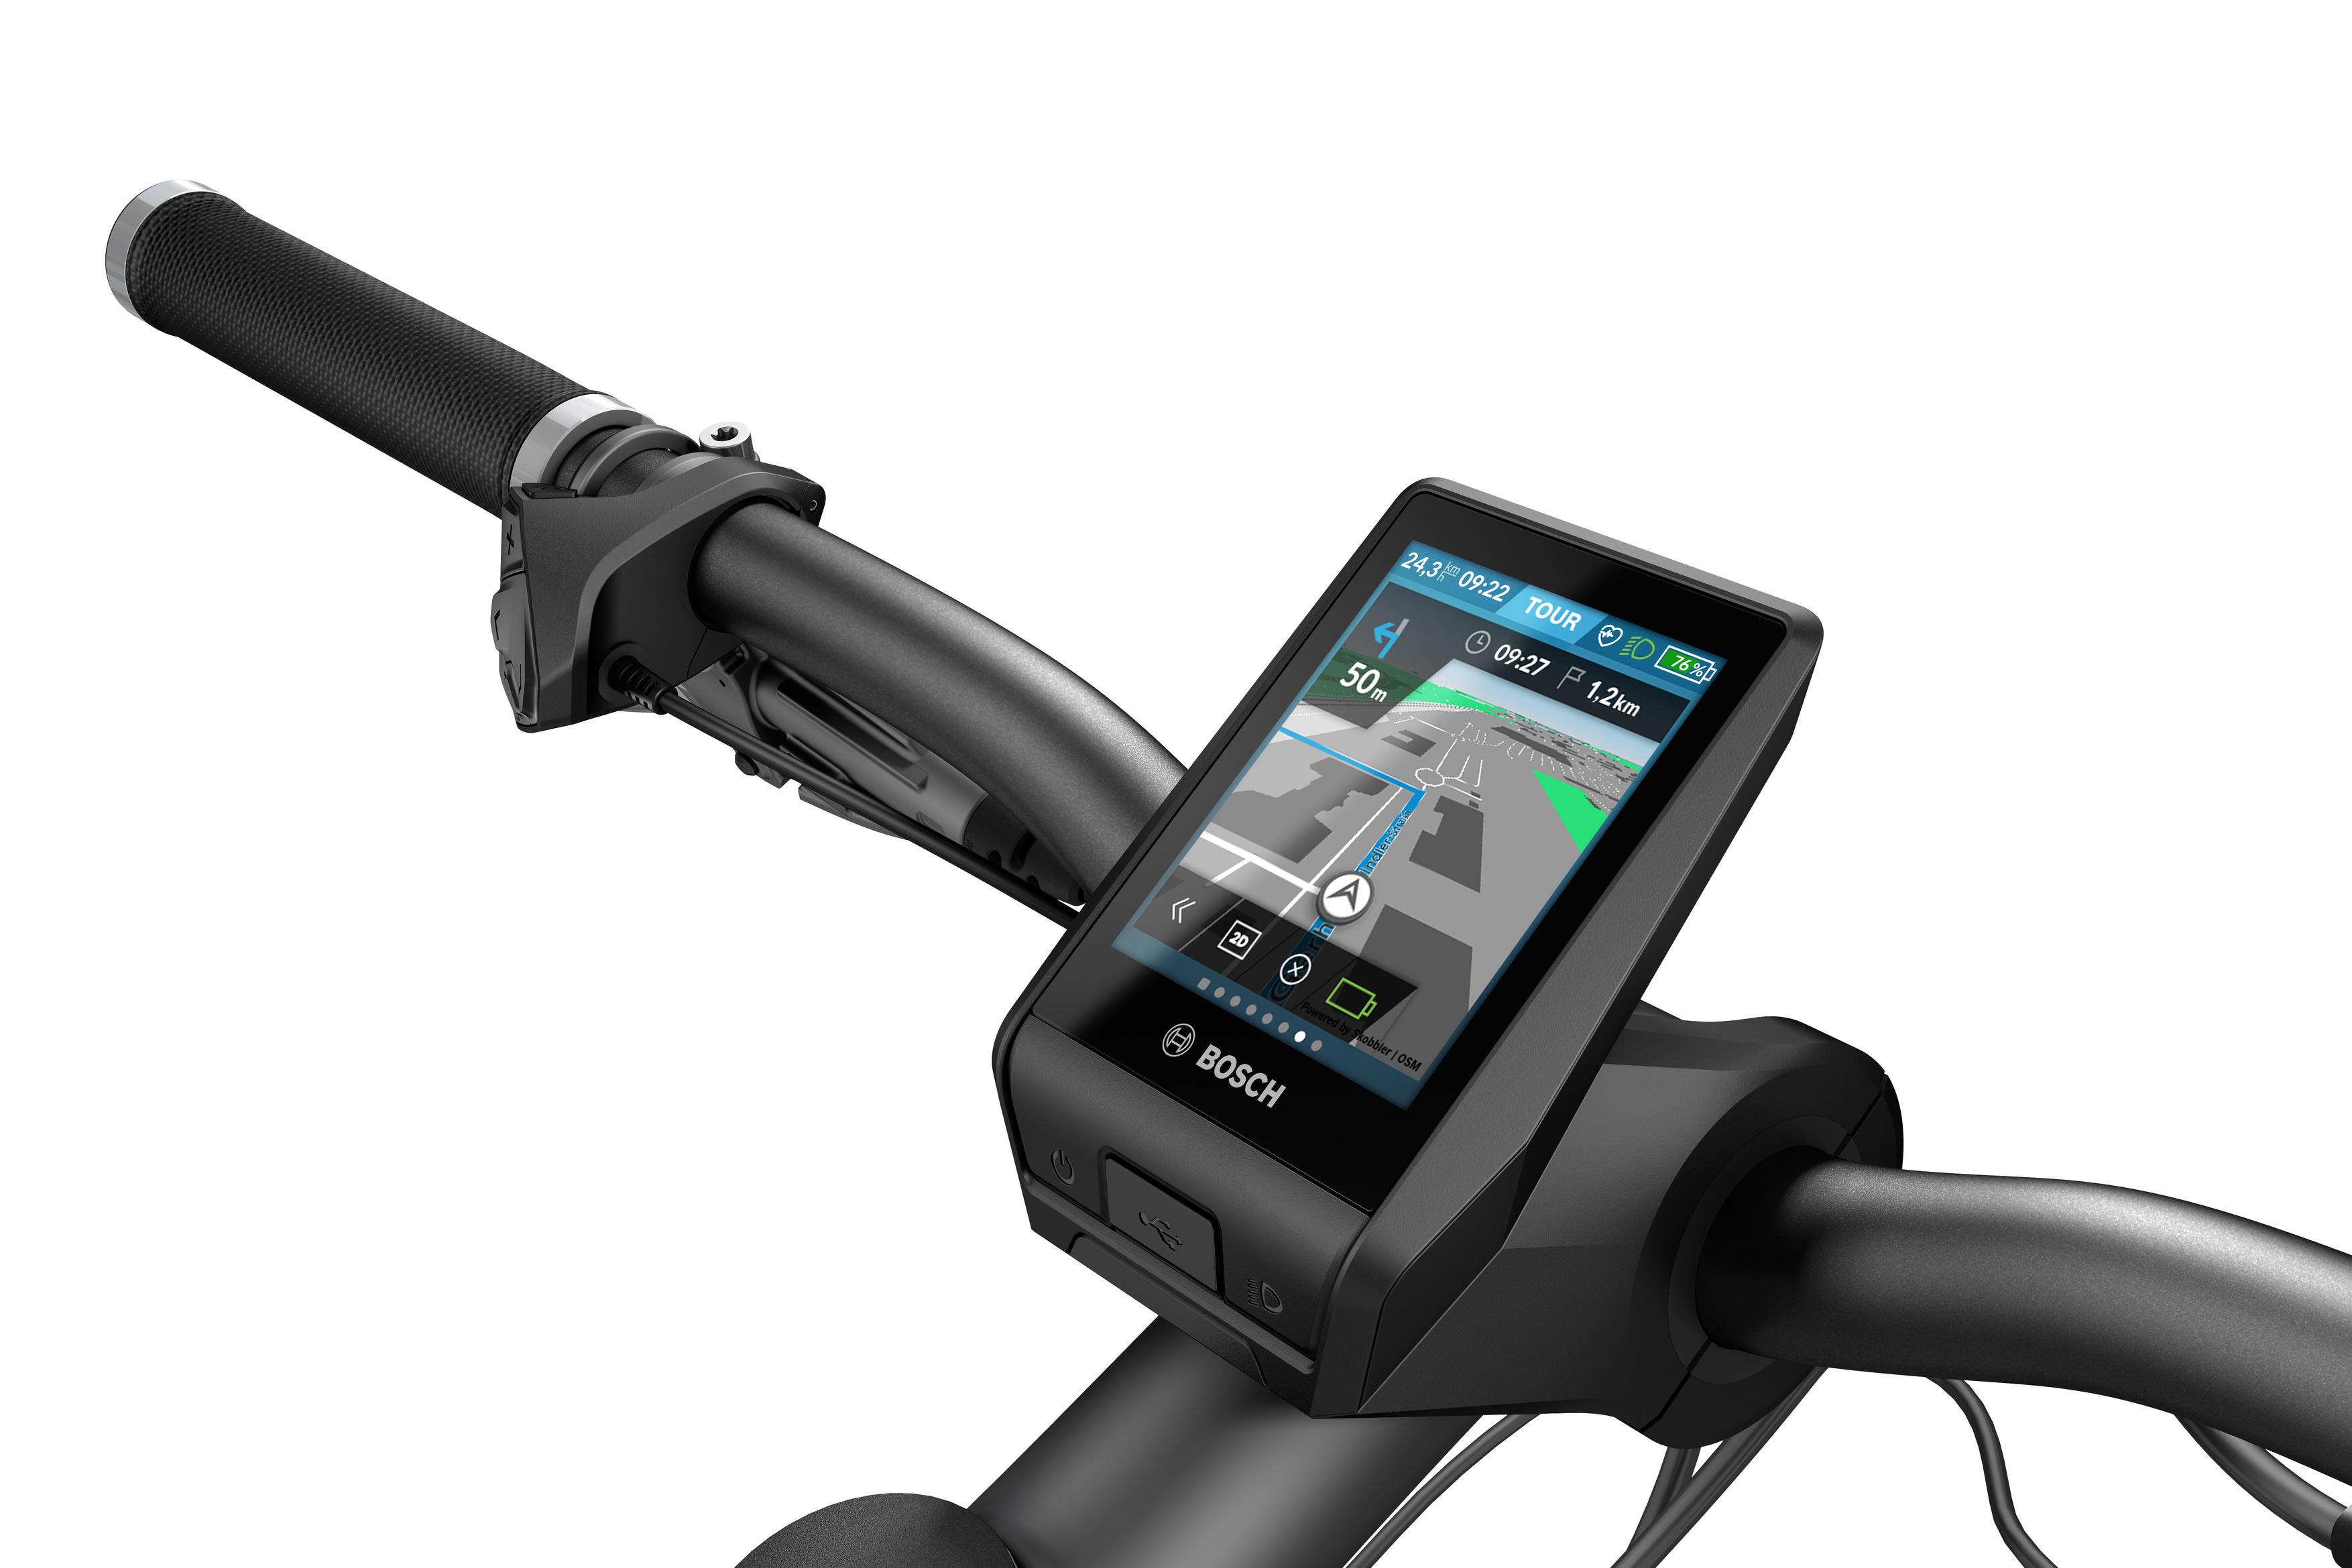 Díky palubnímu počítači Nyon je eBiker propojen s digitálním světem a má přístup k funkcím, jako je palubní navigace a sledování fitness.